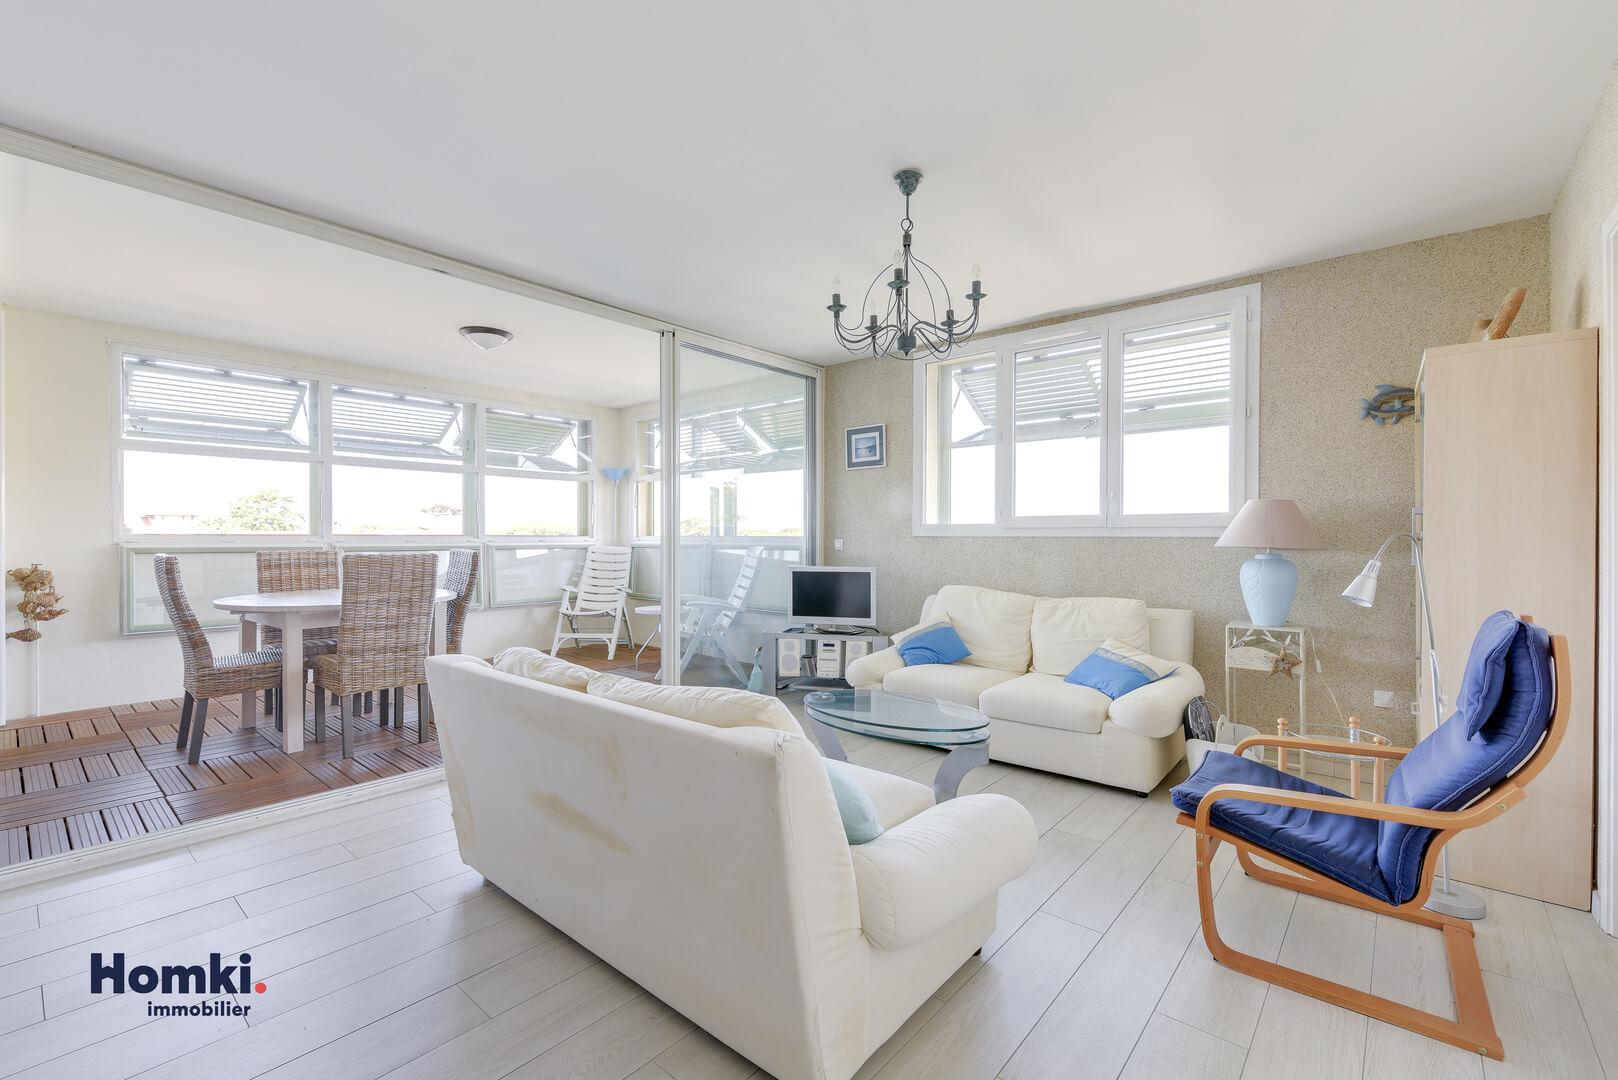 Vente Appartement 84m² T3 34300_1